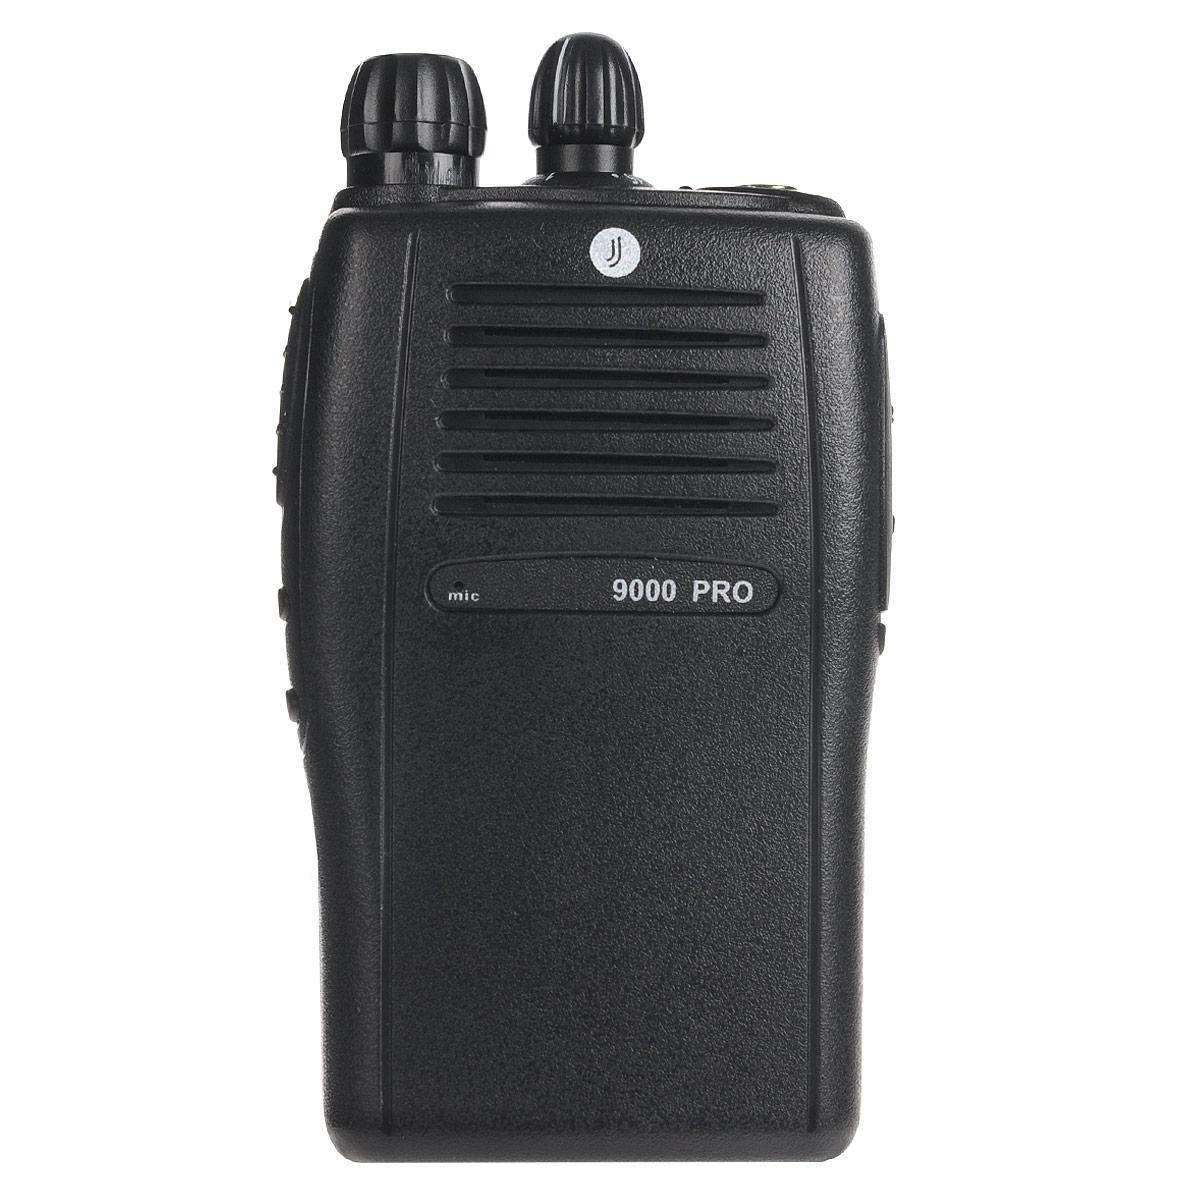 Радиостанция JJ-Connect 9000 PROJET XT HunterJJ-Connect 9000 PRO проста в эксплуатации и отлично подойдет для сотрудников охранных агентств или для использования на строительном объекте, Вы всегда можете рассчитывать на высокое качество связи и надежность. Радиостанция JJ-Connect 9000 PRO относится к универсальному классу - она может работать как в LPD, так и в PMR диапазоне. Рация имеет 16 программируемых каналов. Обладает прочным и долговечным корпусом. Радиостанция поддерживает функцию VOX (управляемое голосом начало трансляции) и отлично работает вместе с гарнитурами hands-free. Также Вы можете выбирать между режимами высокой/низкой мощности и осуществлять сканирование/мониторинг с отсечкой загруженных каналов. Переключаемые режимы уровня мощности; Сканирование/мониторинг каналов; 16 программируемых каналов памяти; Функция VOX; Поддержка гарнитур hands-free; Прочный водозащищенный корпус.